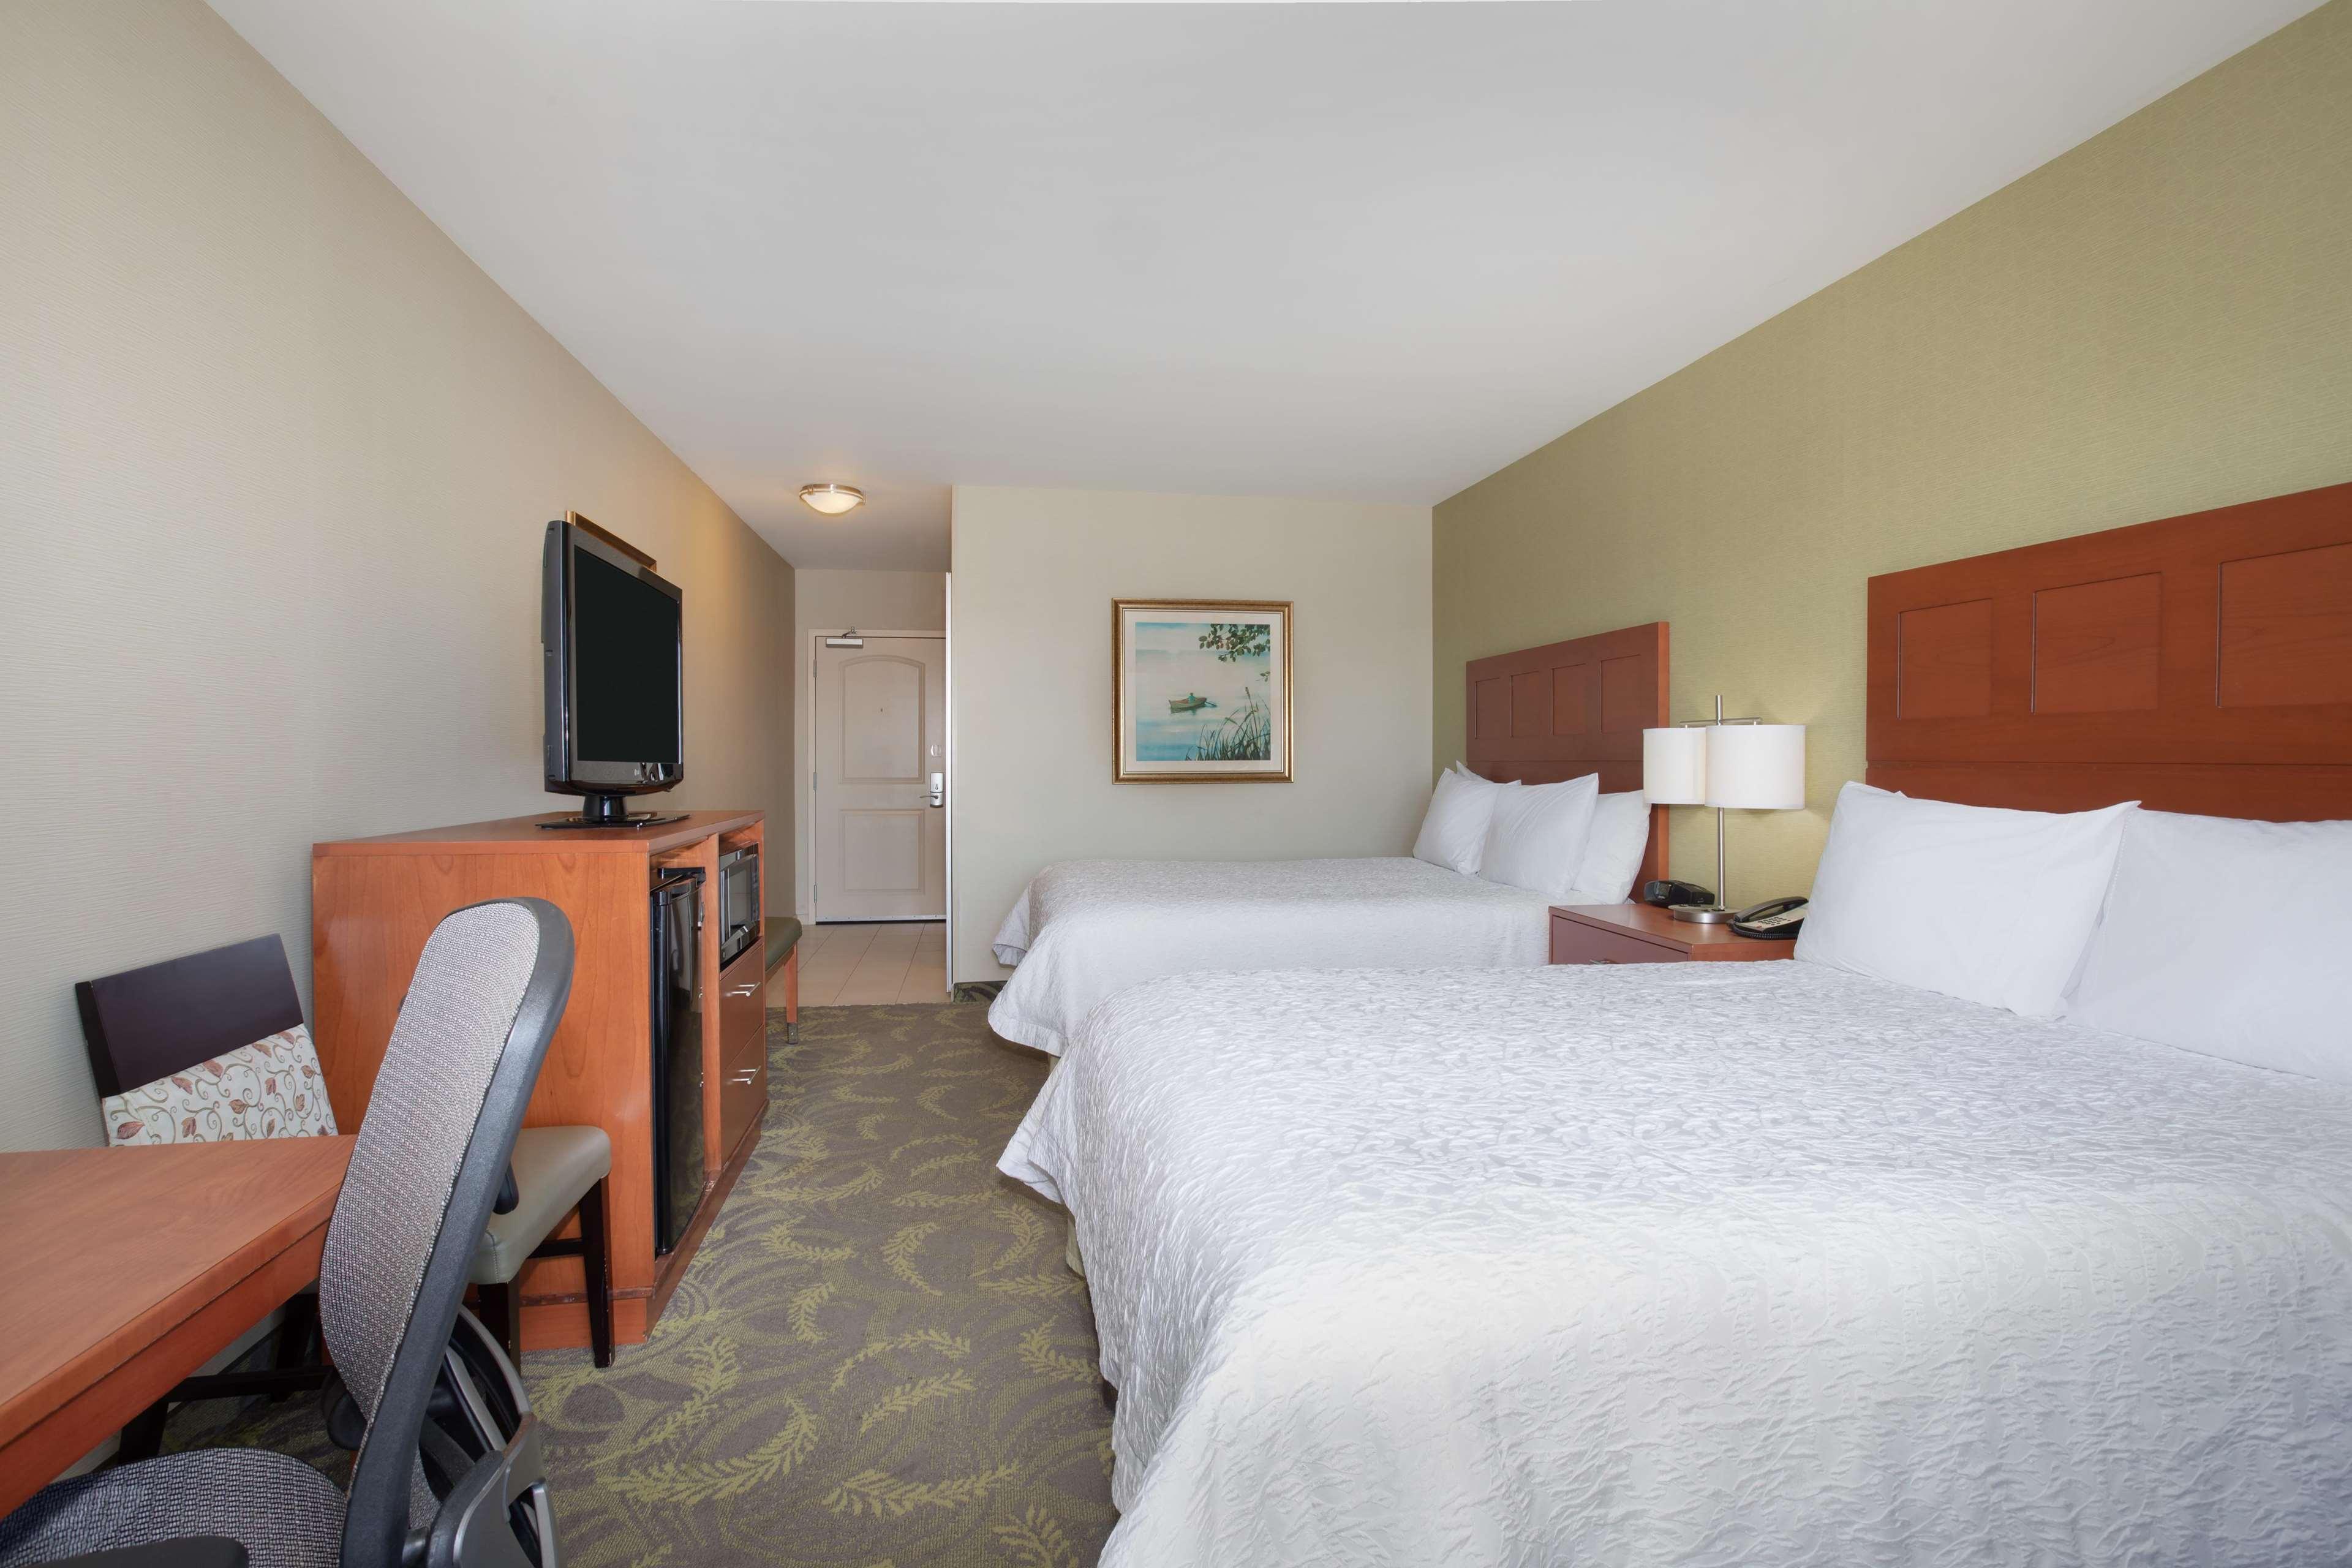 Hampton Inn & Suites Astoria image 55